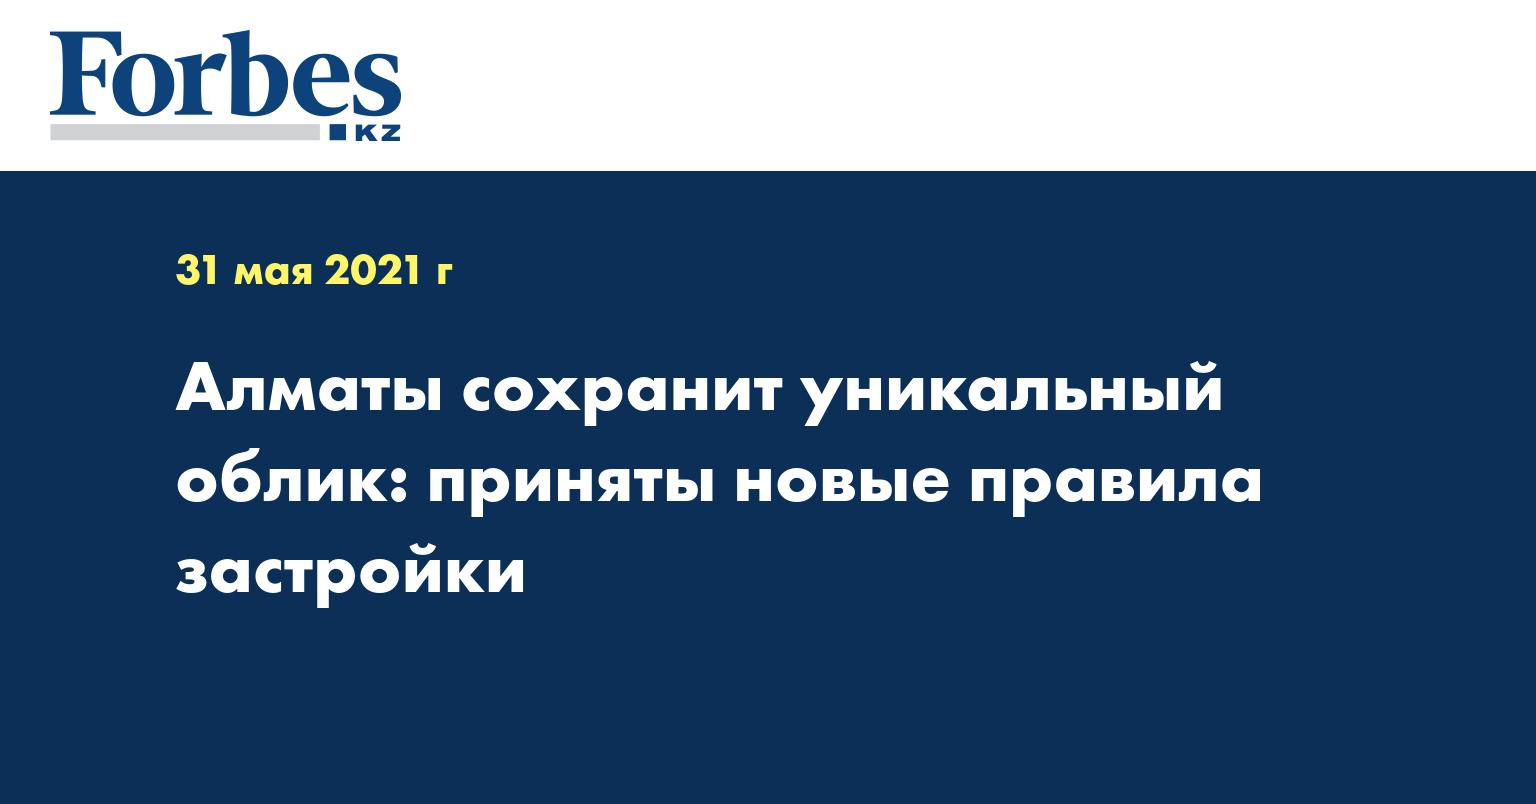 Алматы сохранит уникальный облик: приняты новые правила застройки